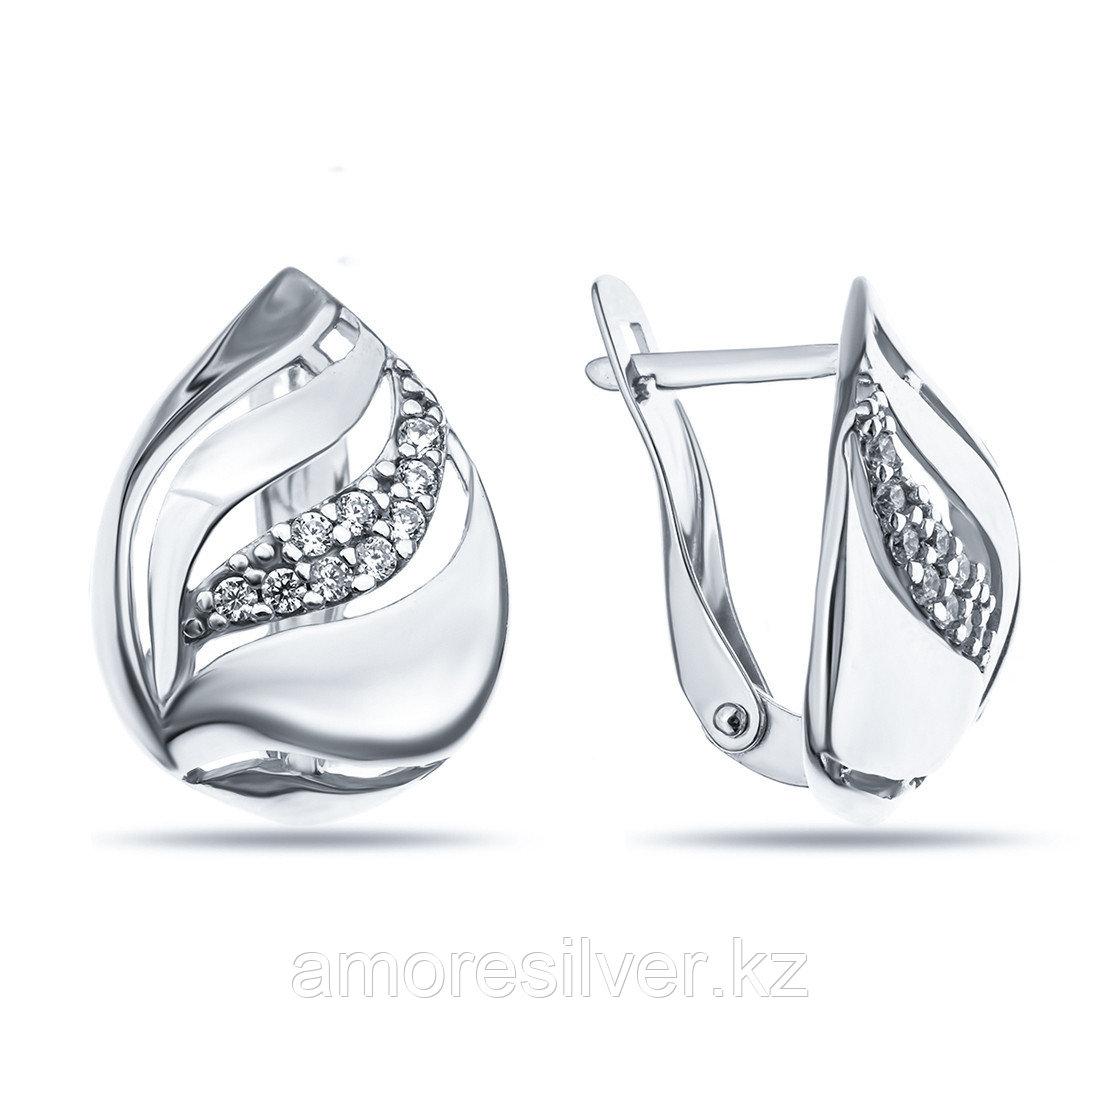 Серьги Аквамарин серебро с родием, фианит, геометрия 45760А.5